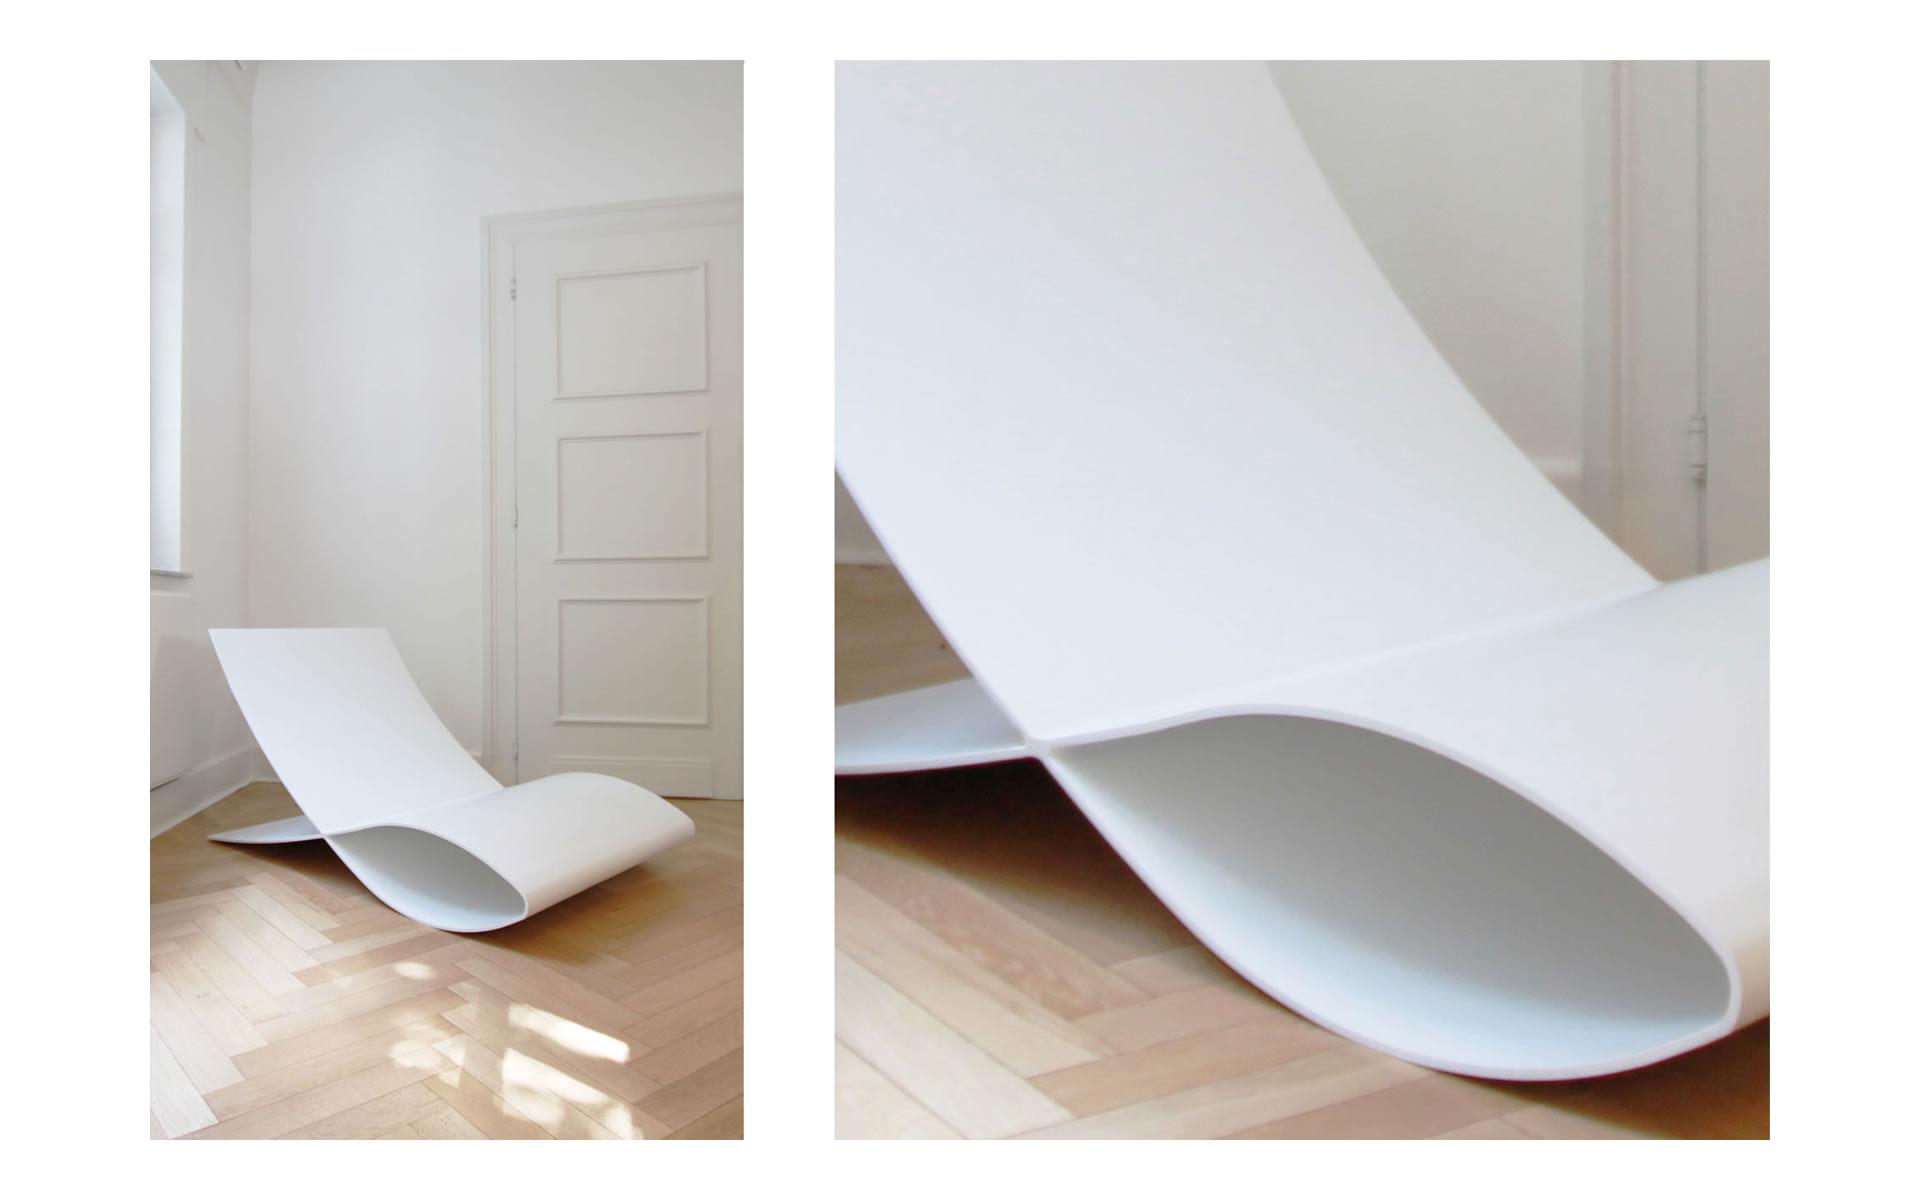 Mesmerizing Sessel Modern Design Decoration Of Bouromoebel Lounge Flach Alpha Hochglanz Weiss Rechteck